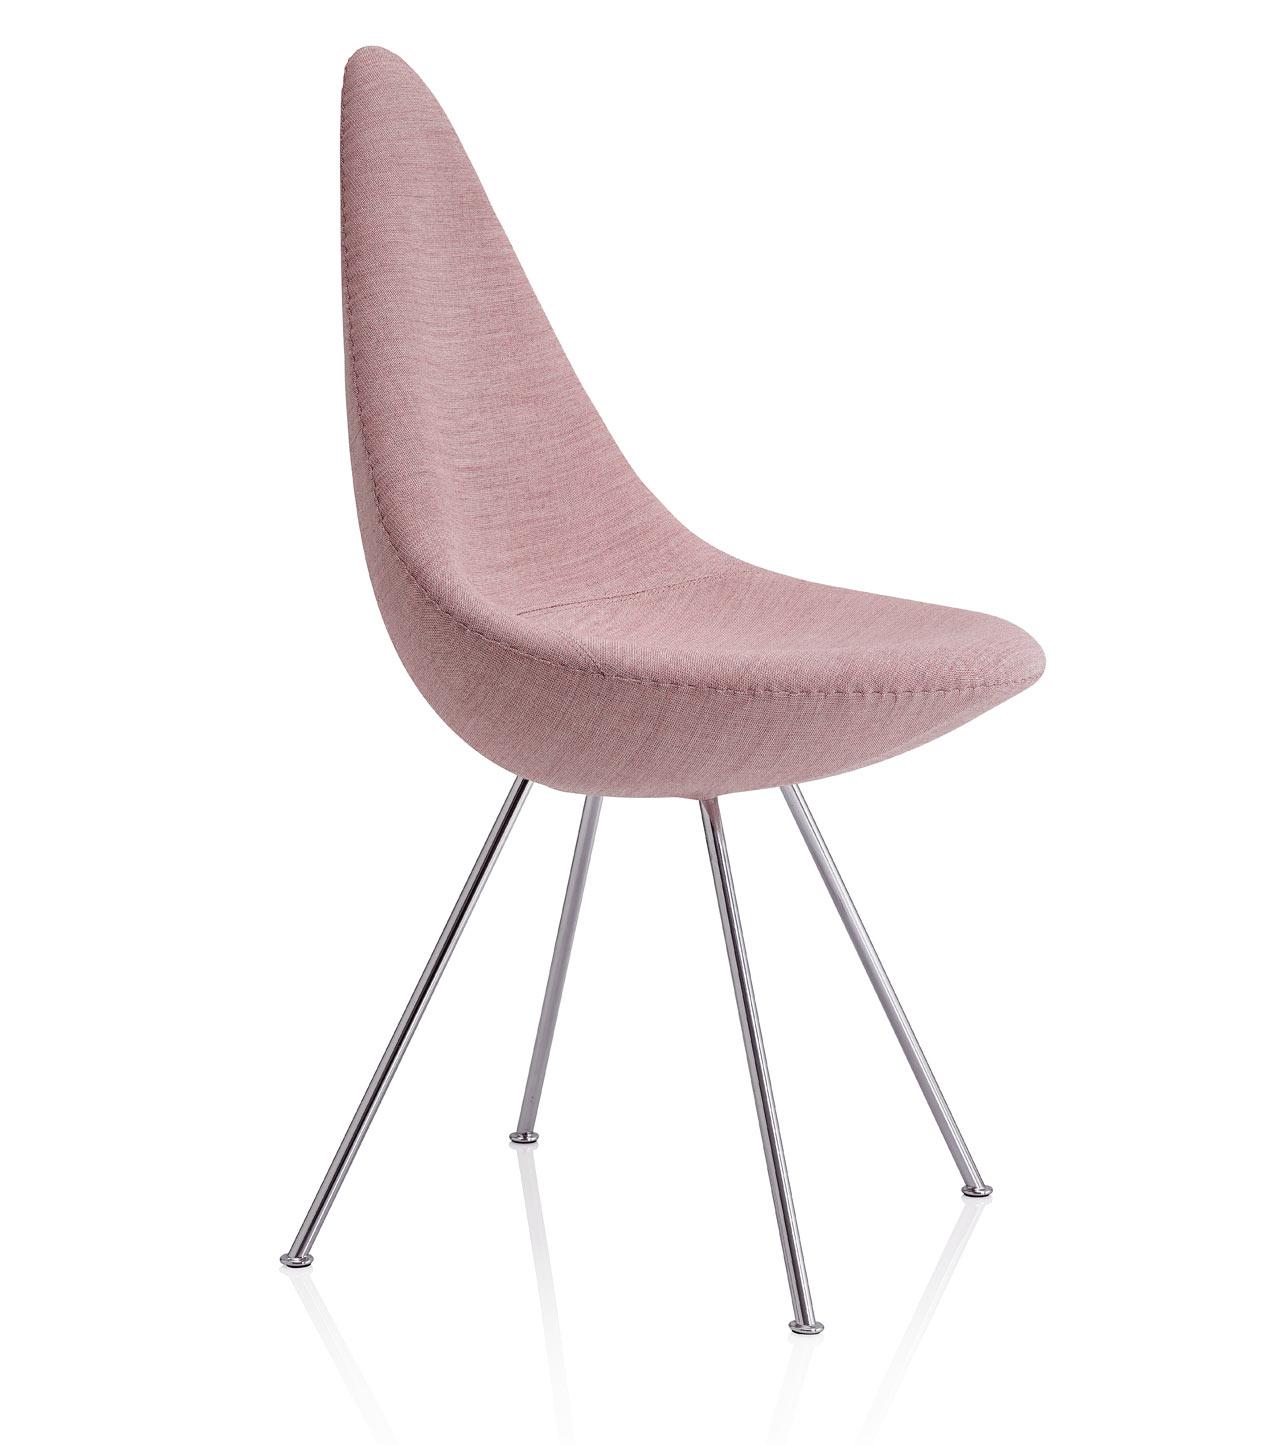 drop-chair-fritz-hansen-upholstered